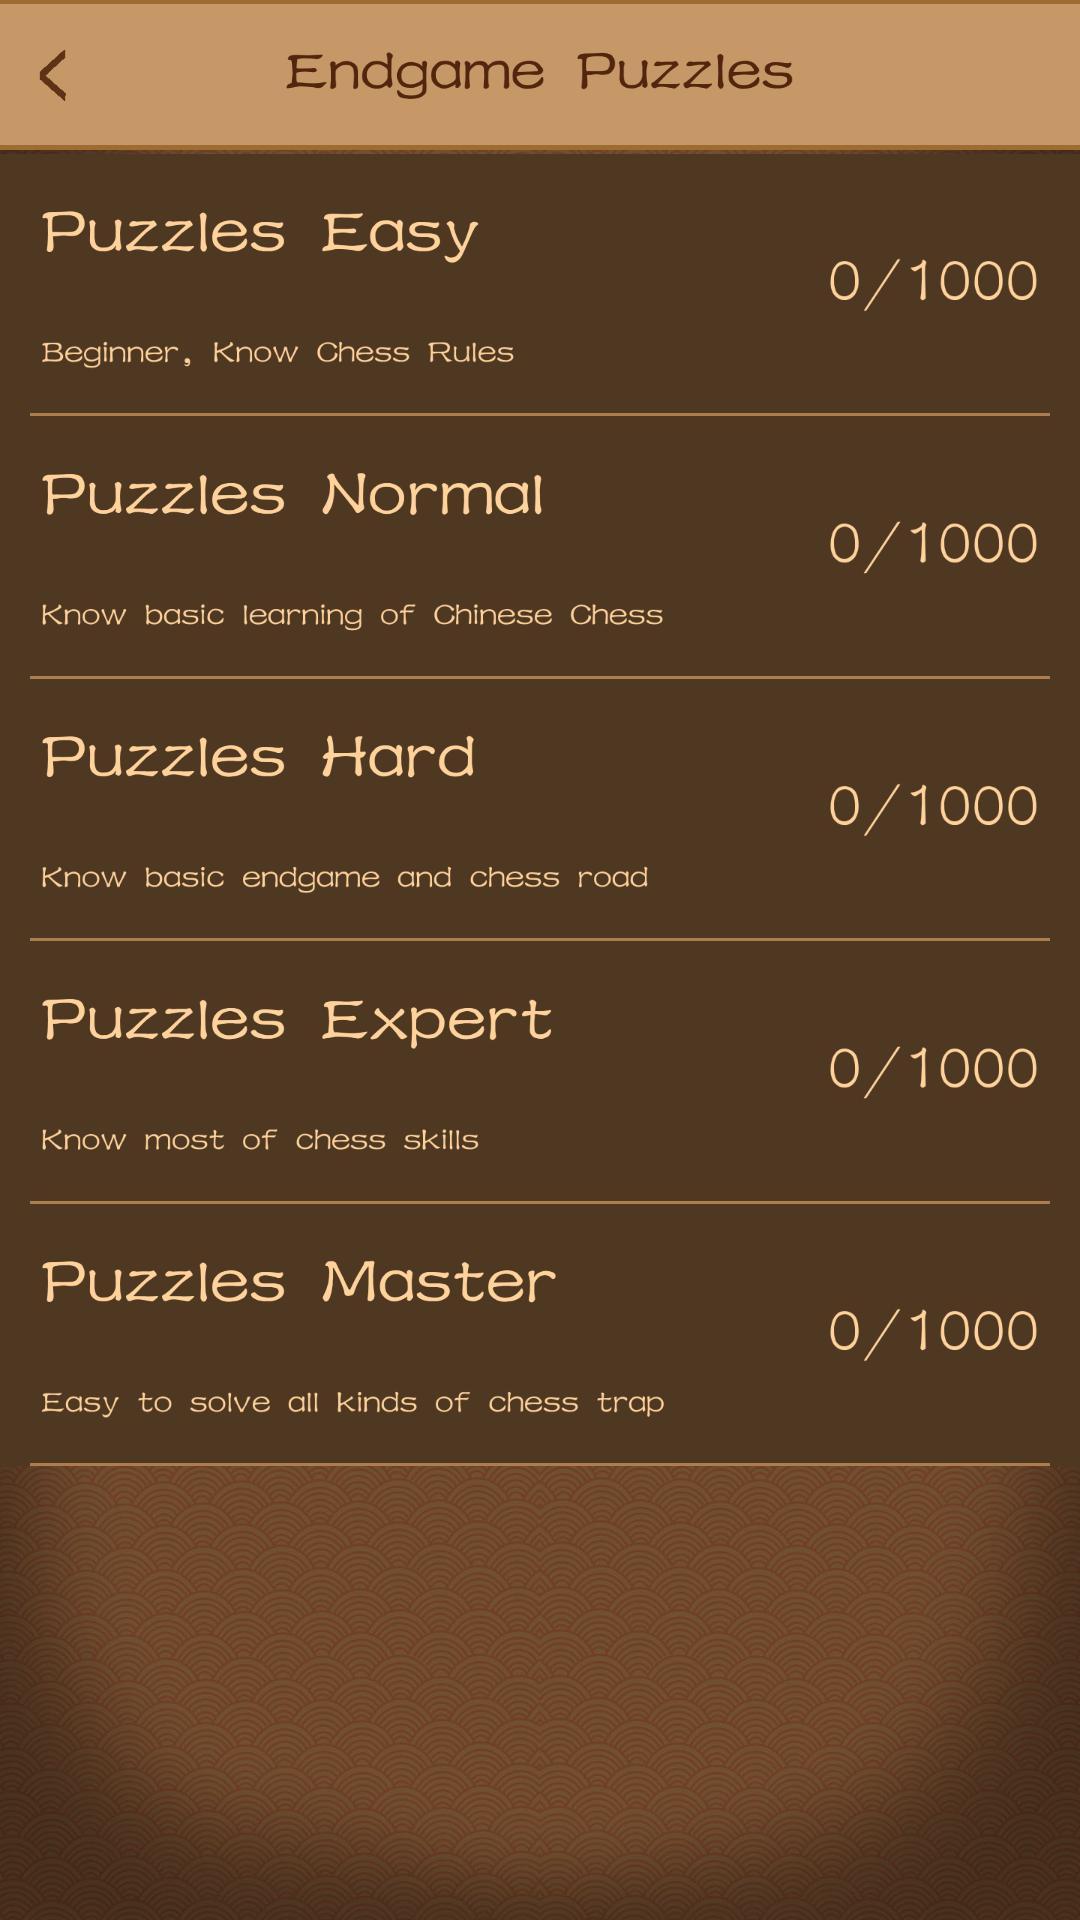 Chinese Chess from beginner to master 1.6.2 Screenshot 4